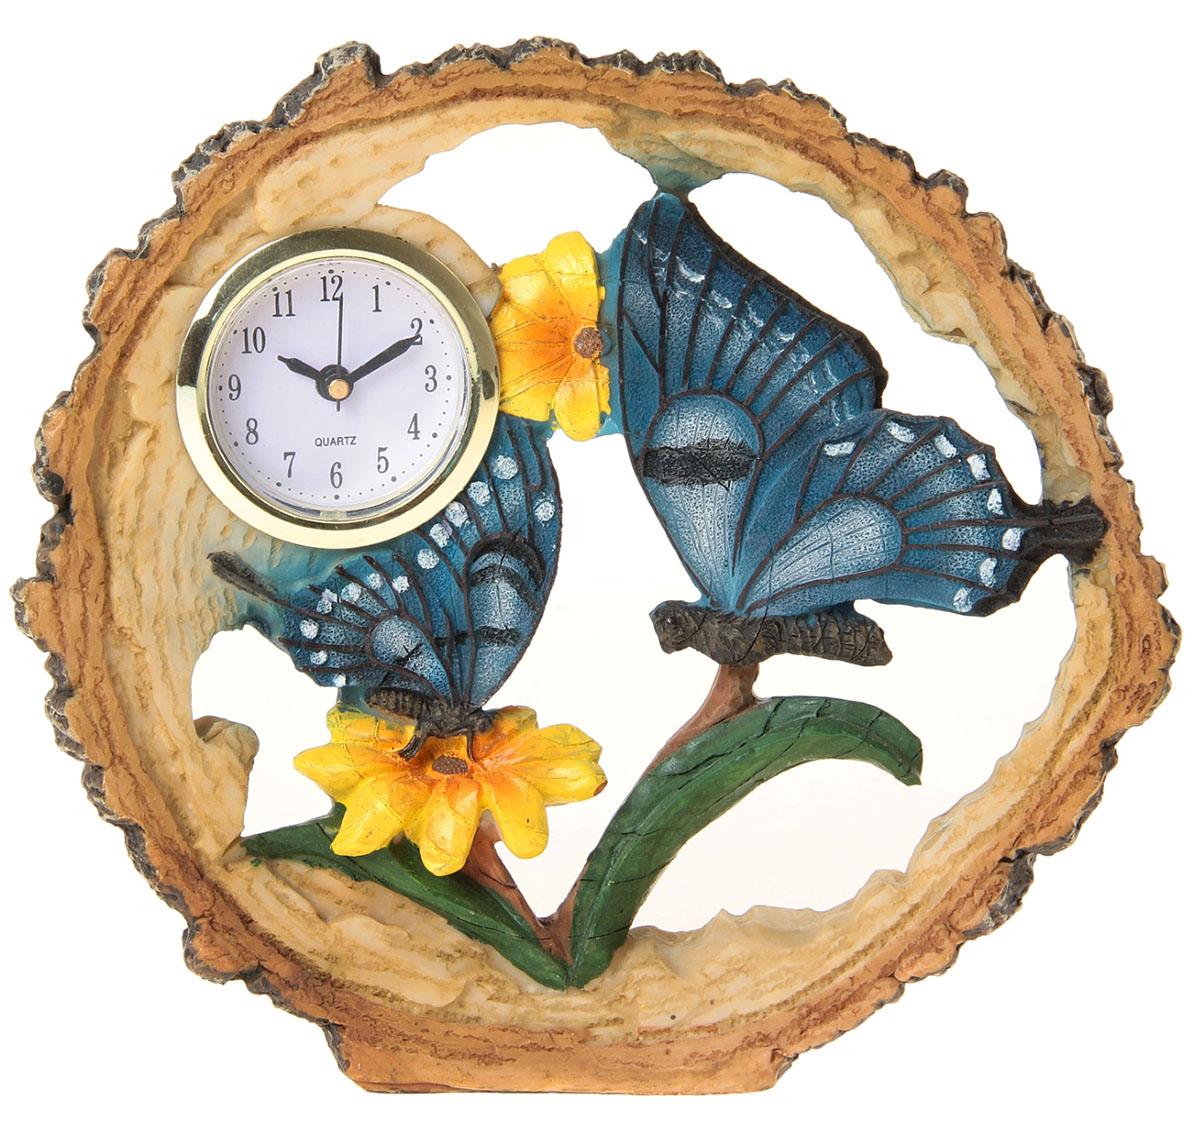 Часы настольные Бабочки на цветах, 16 х 17,5 см. 872899872899Каждому хозяину периодически приходит мысль обновить свою квартиру, сделать ремонт, перестановку или кардинально поменять внешний вид каждой комнаты. Часы настольные Бабочка в цветах — привлекательная деталь, которая поможет воплотить вашу интерьерную идею, создать неповторимую атмосферу в вашем доме. Окружите себя приятными мелочами, пусть они радуют глаз и дарят гармонию.